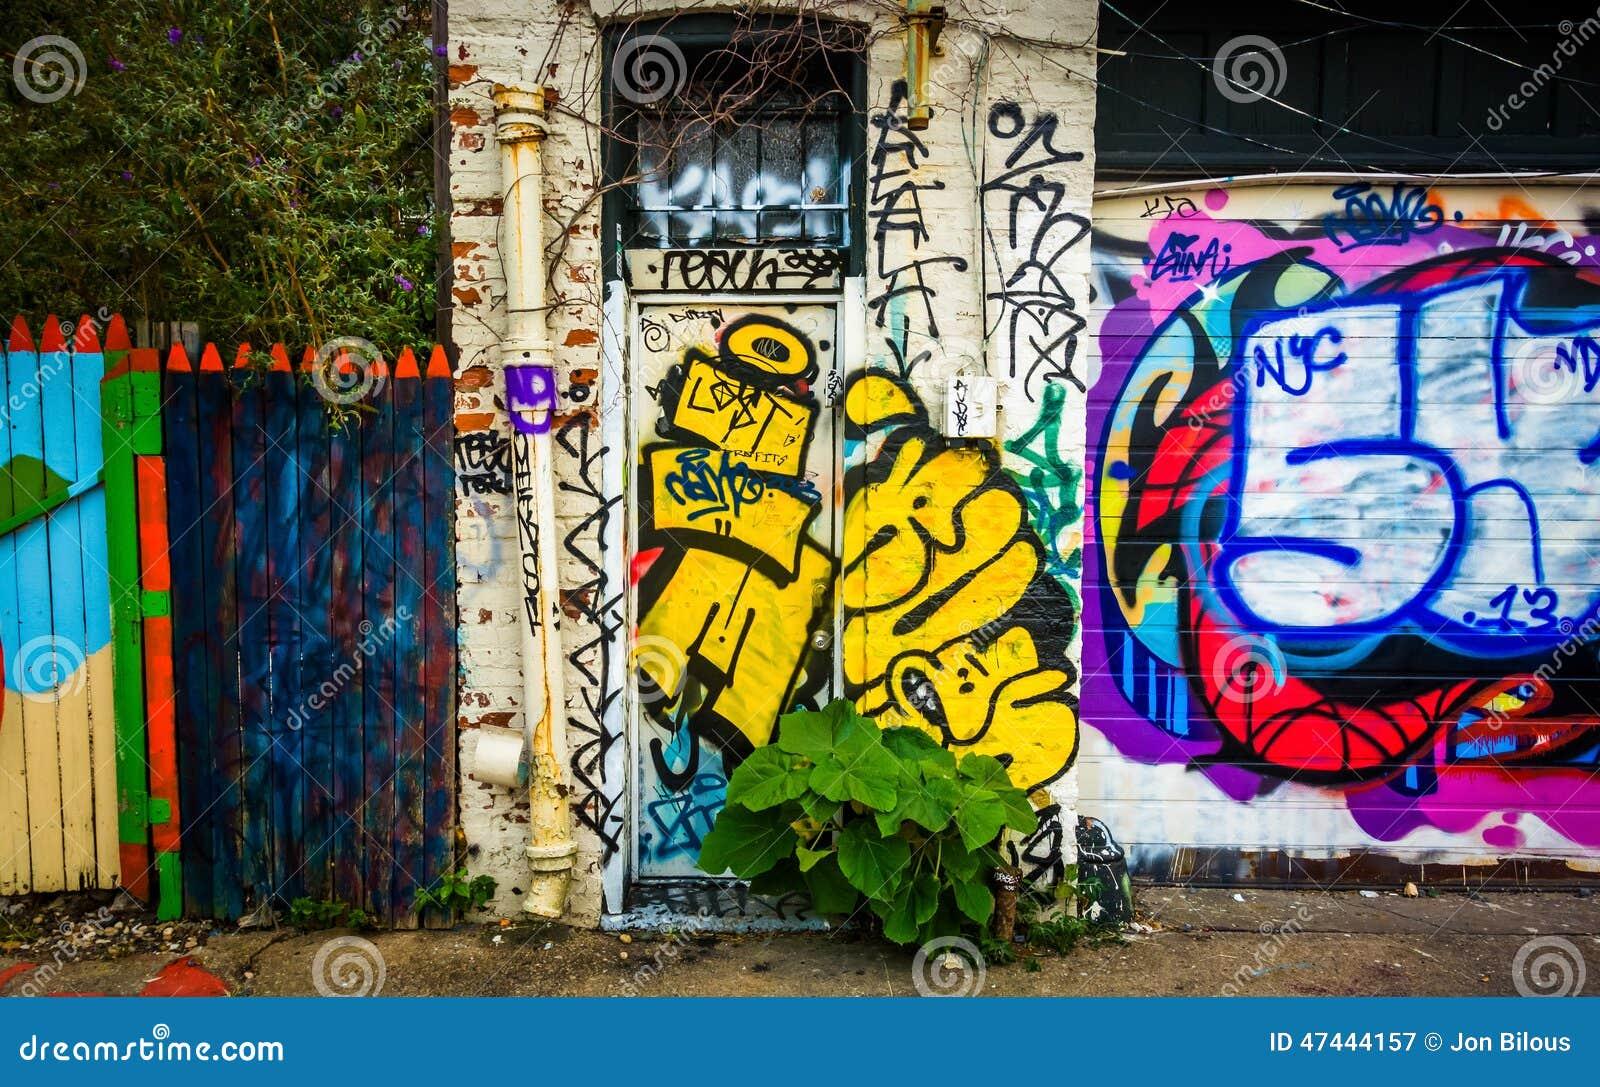 Graffiti wall baltimore - Baltimore Graffiti Maryland Wall